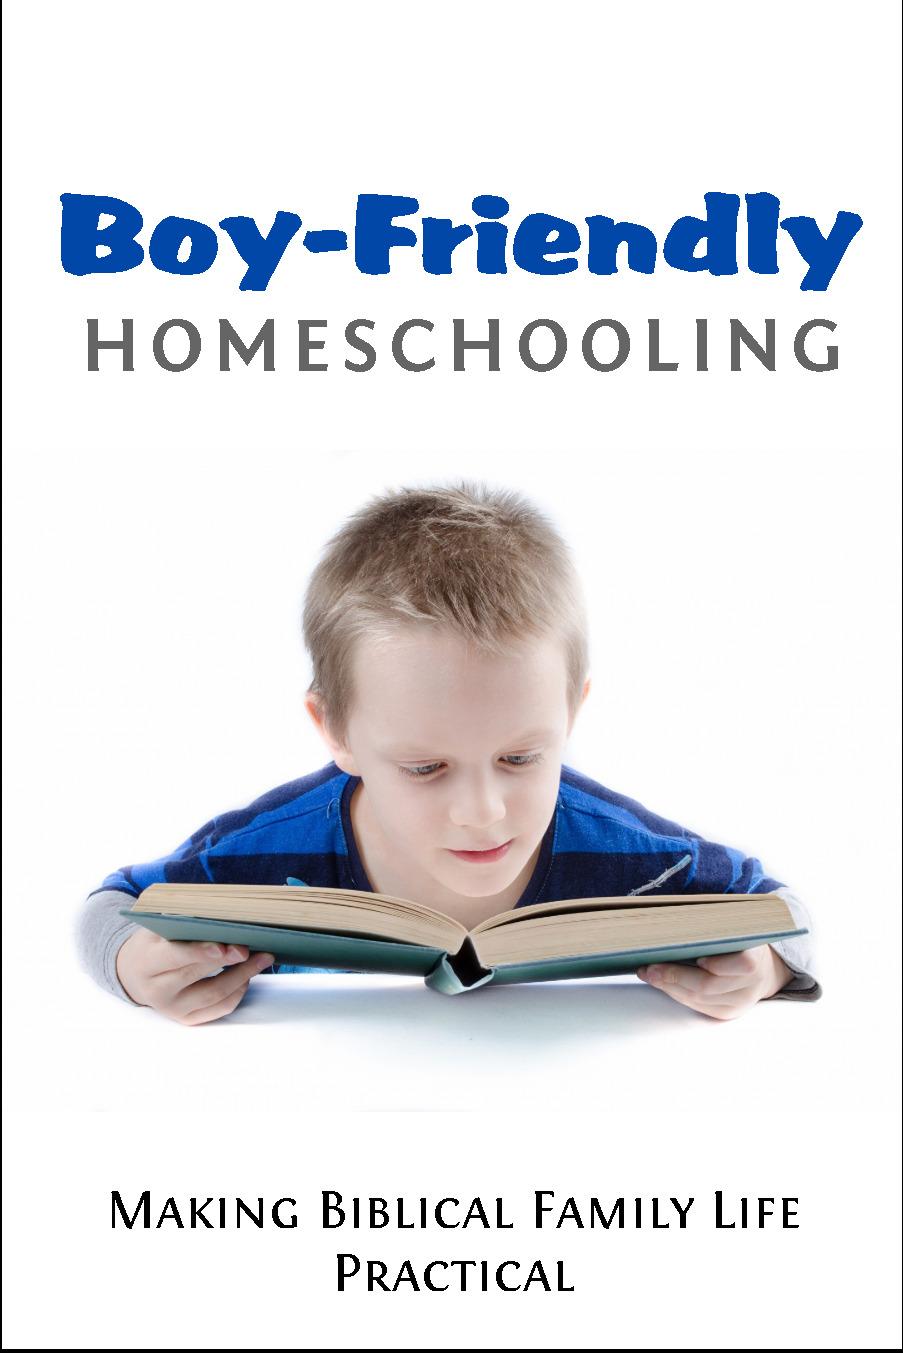 Boy-friendly homeschooling